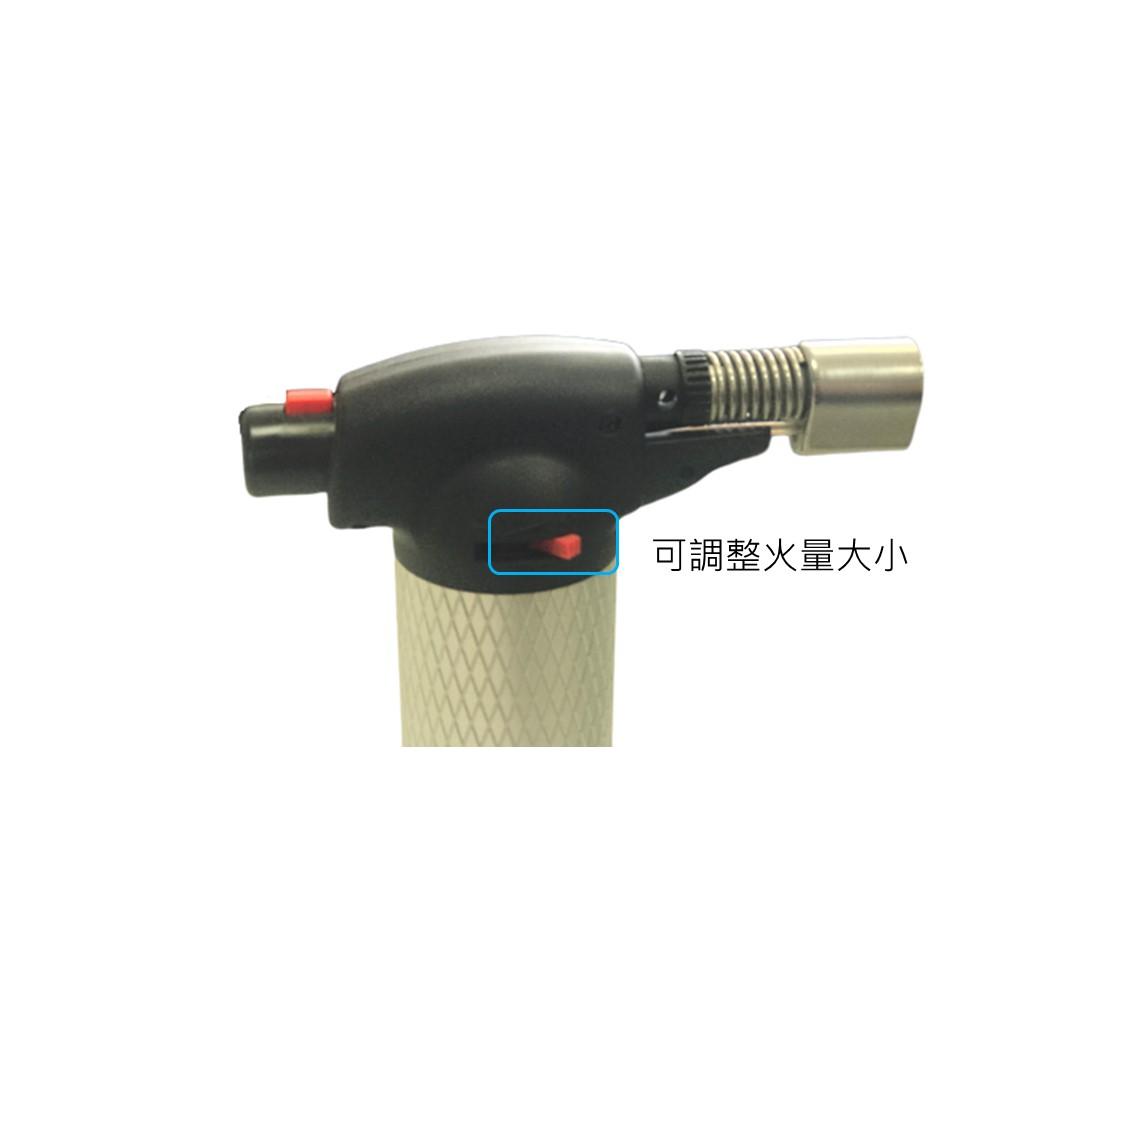 AH-7370 台灣製 【攜帶型料理瓦斯噴火槍】 4